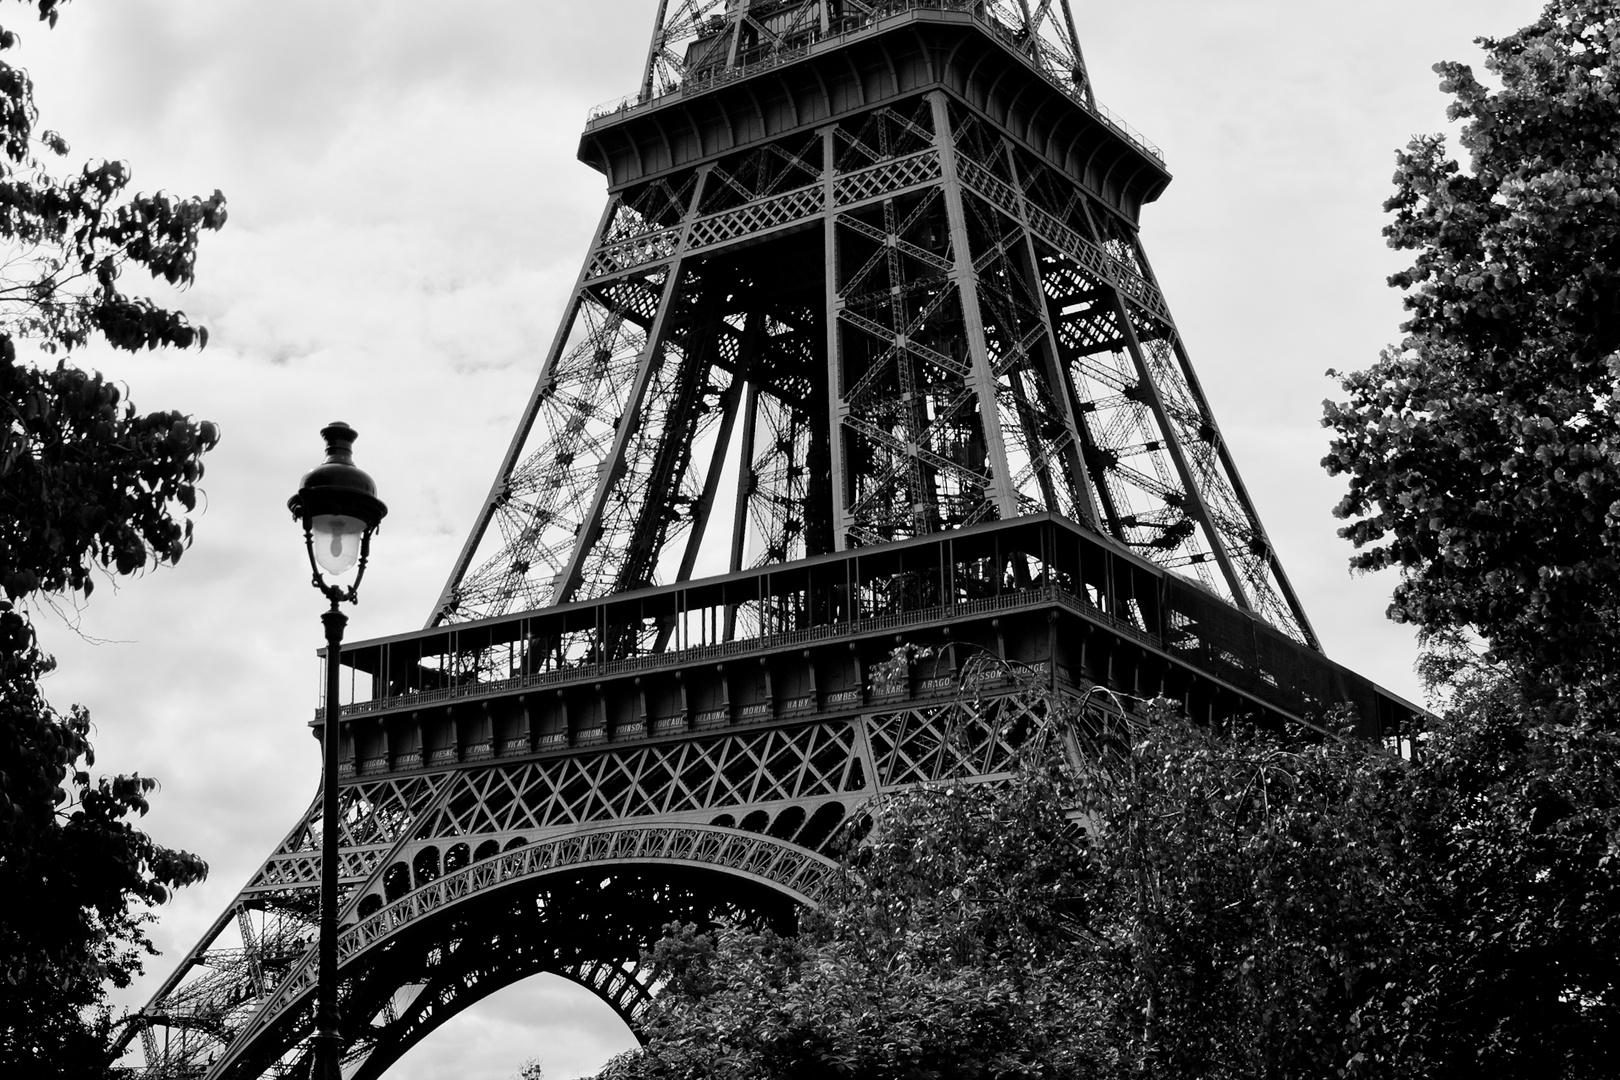 Der Turm und die Lampe